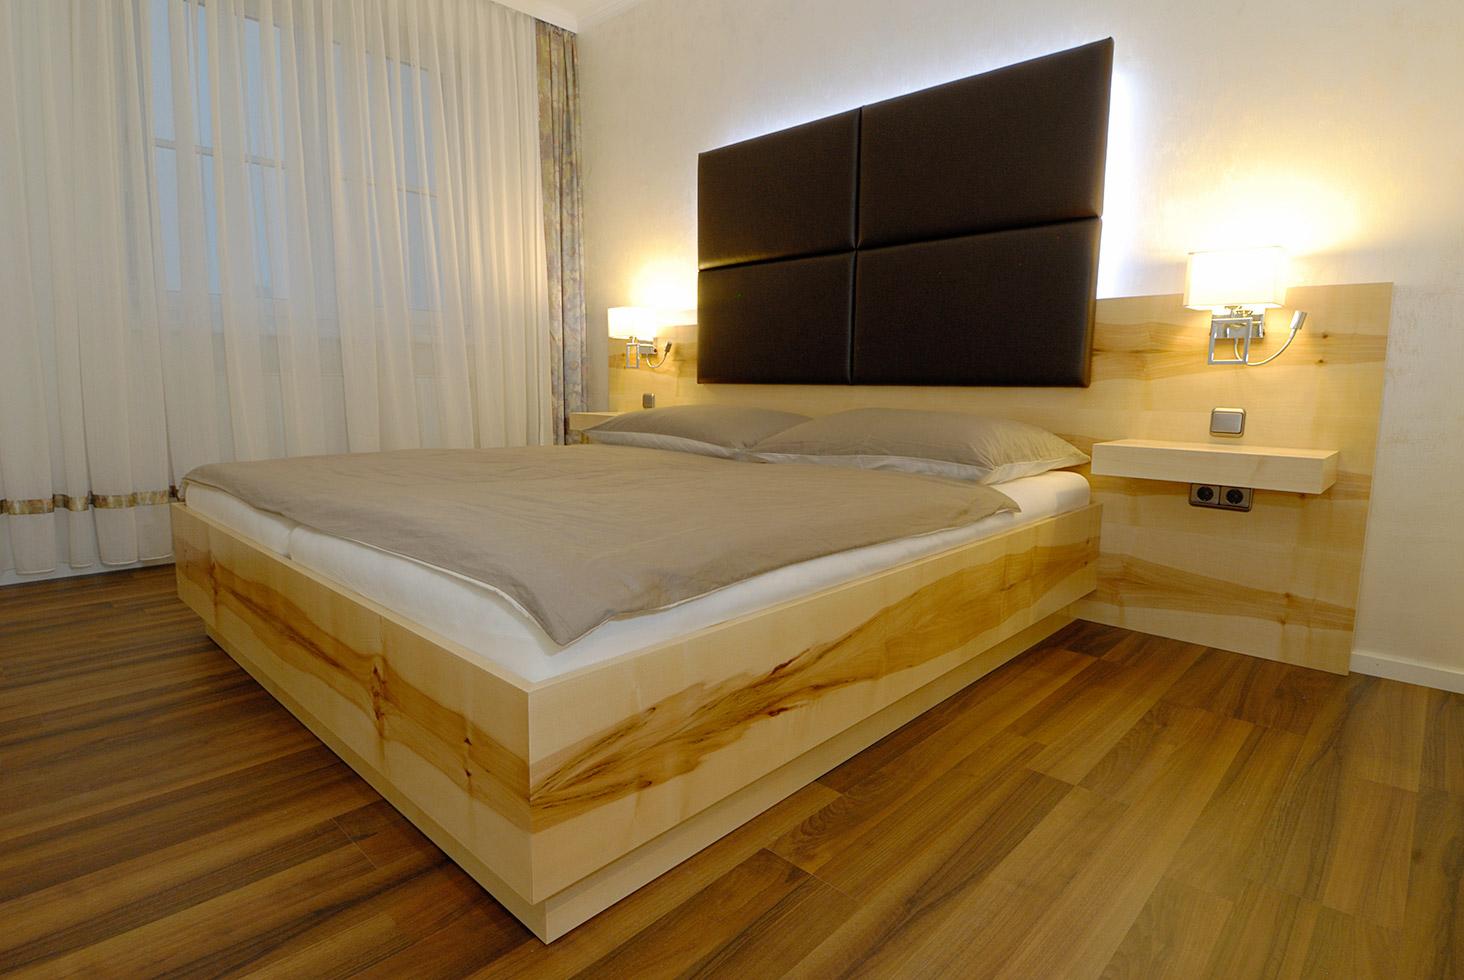 echtholz-schlafzimmer-gross